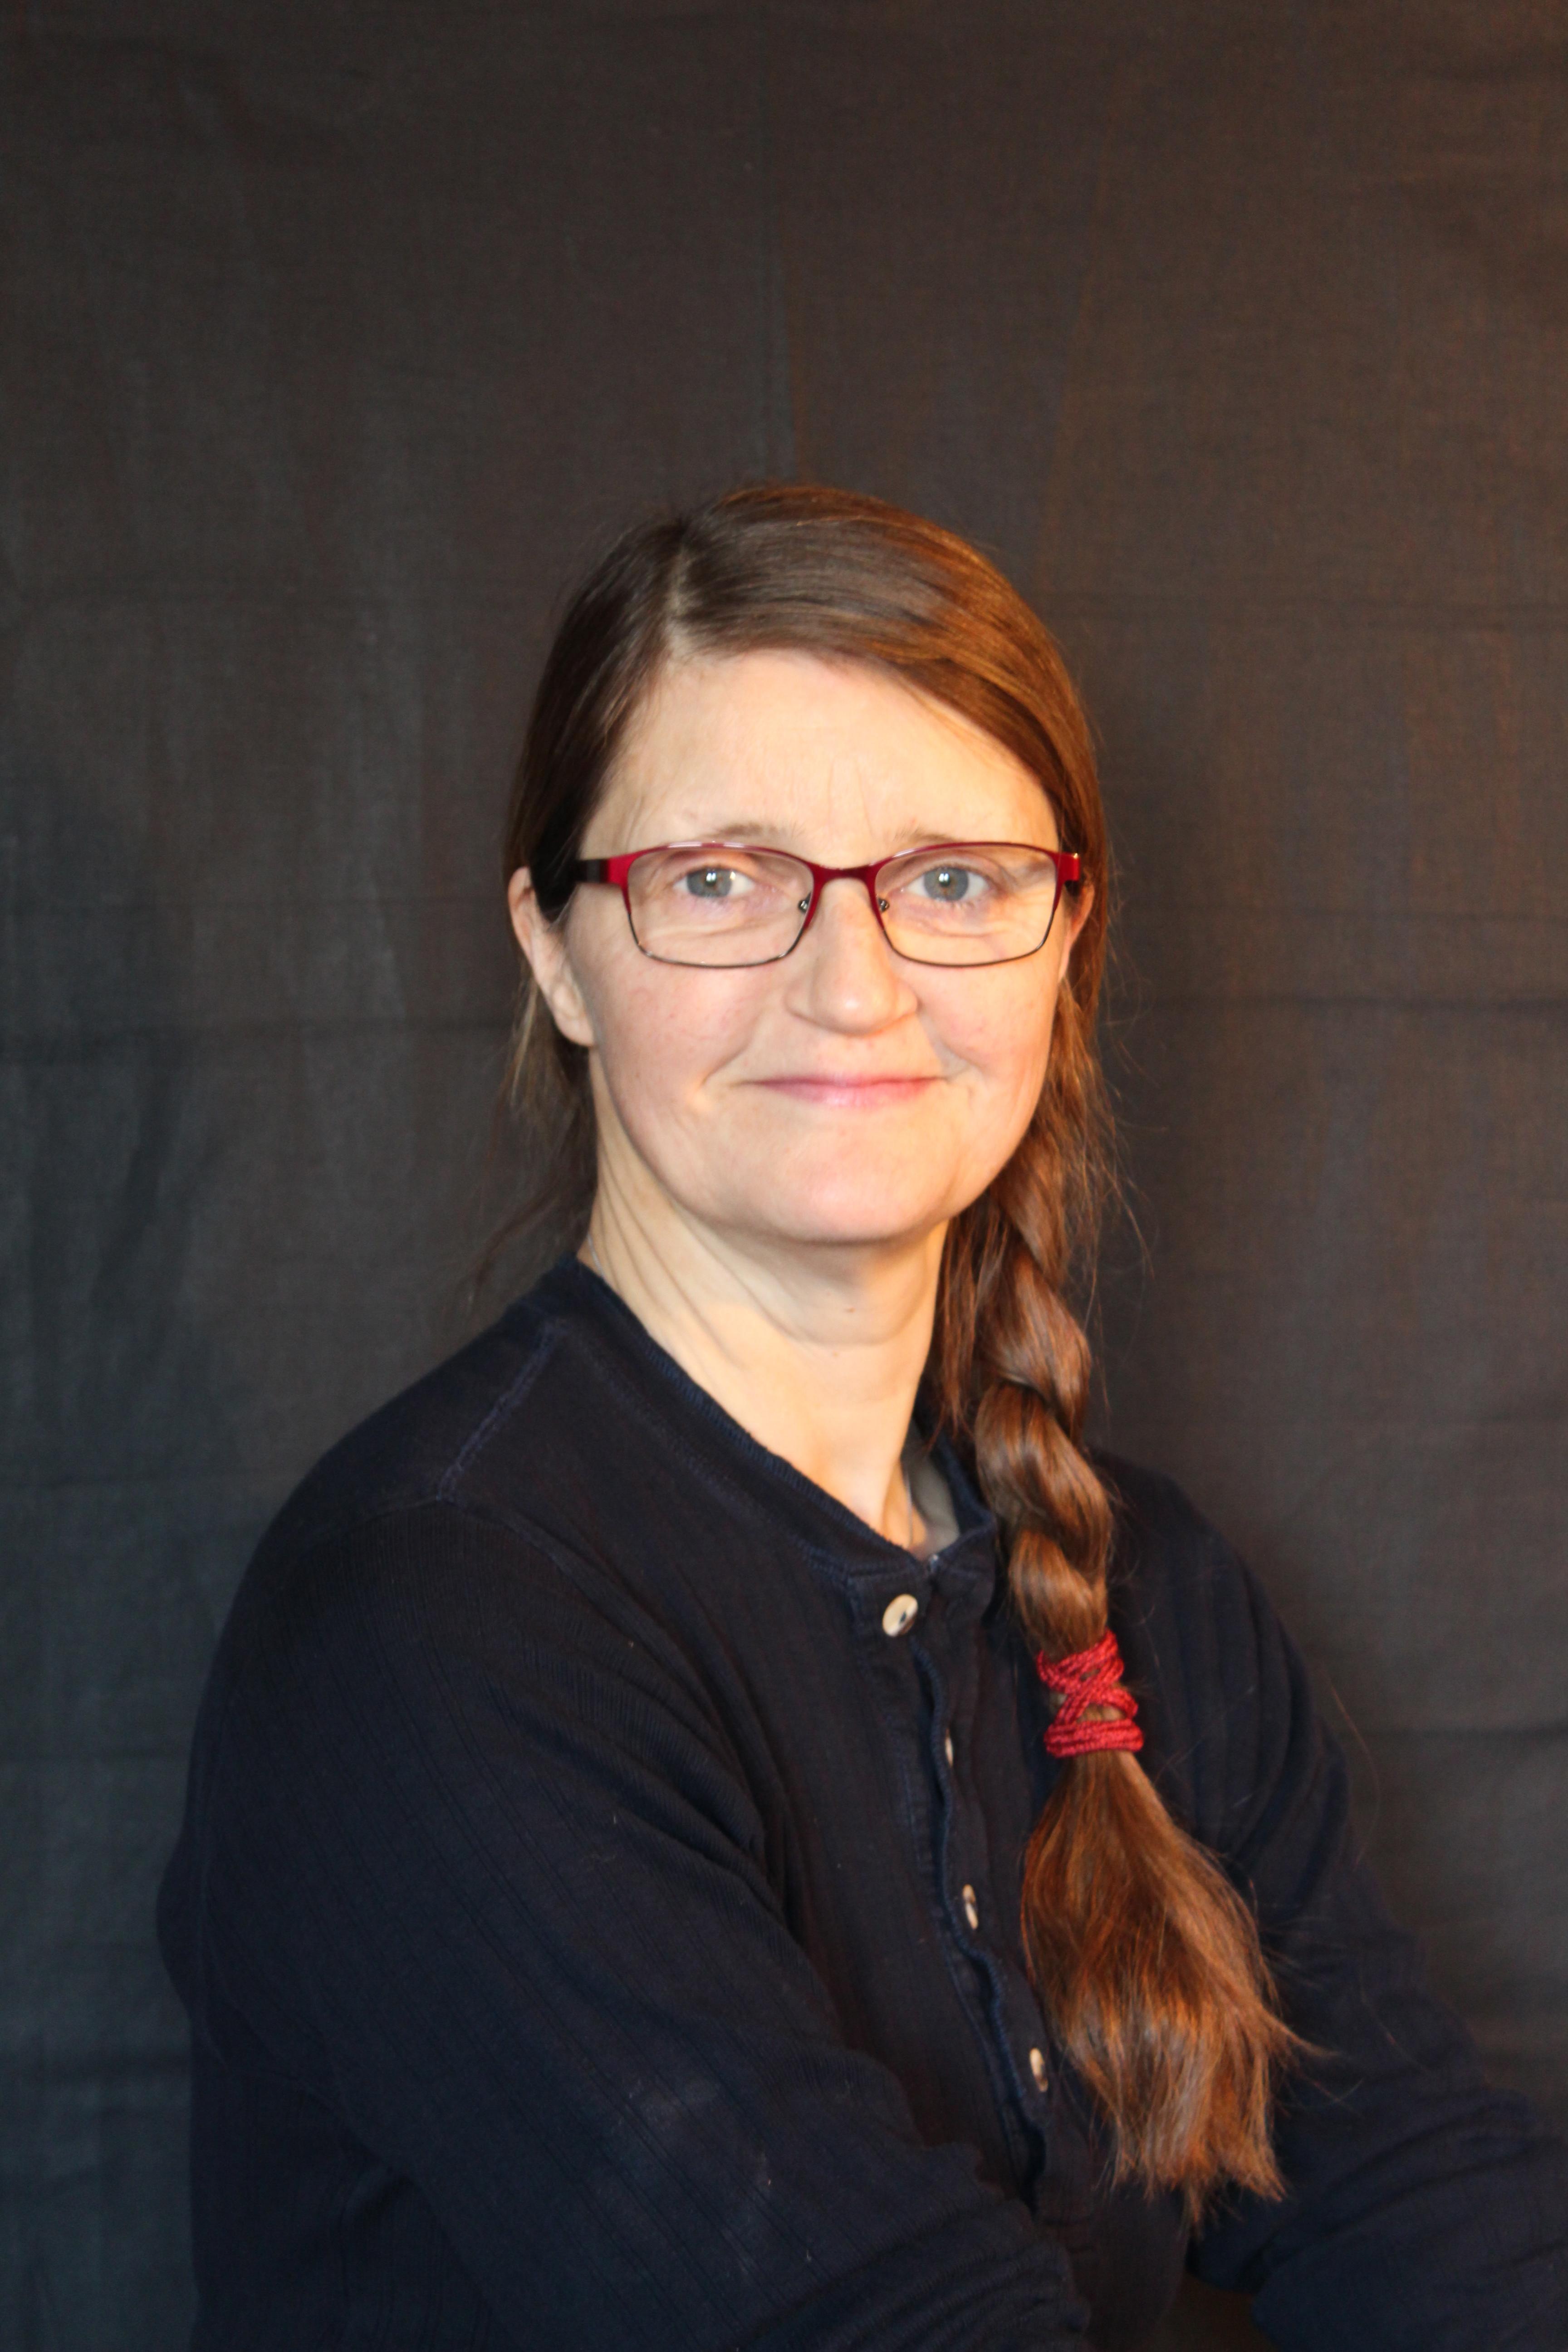 Hrefna Harðardóttir